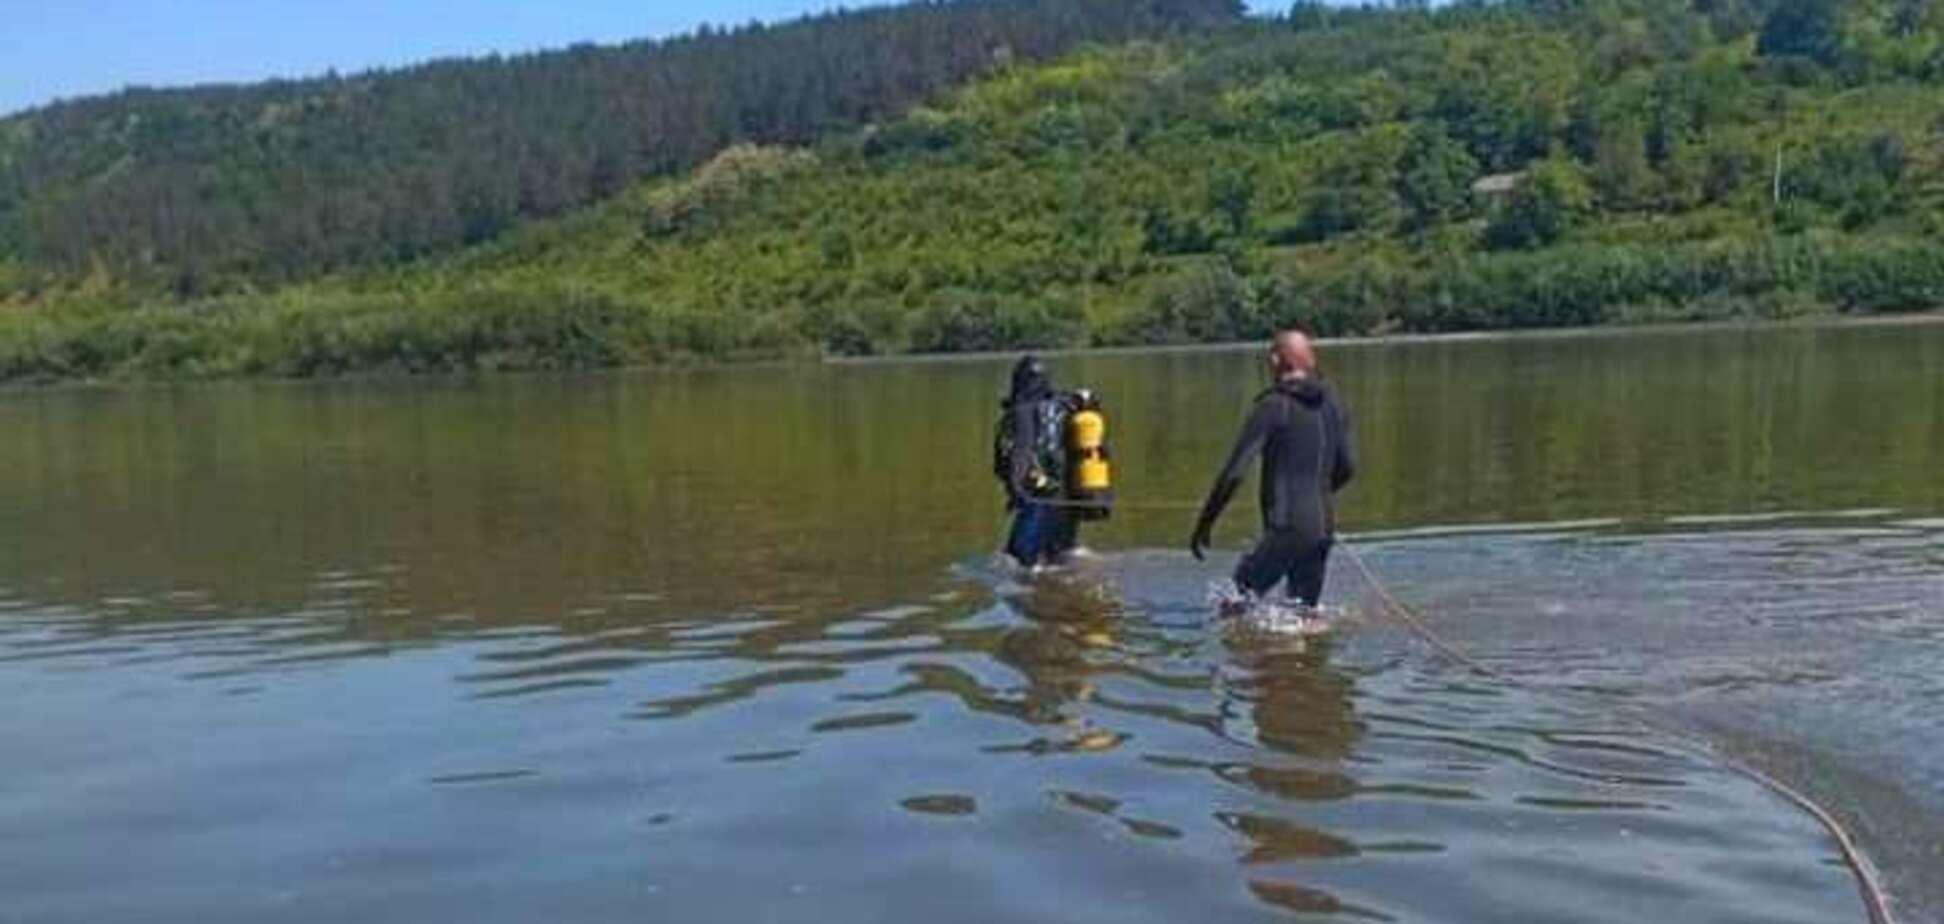 Двох зниклих під час нічної риболовлі підлітків знайшли мертвими на Тернопільщині